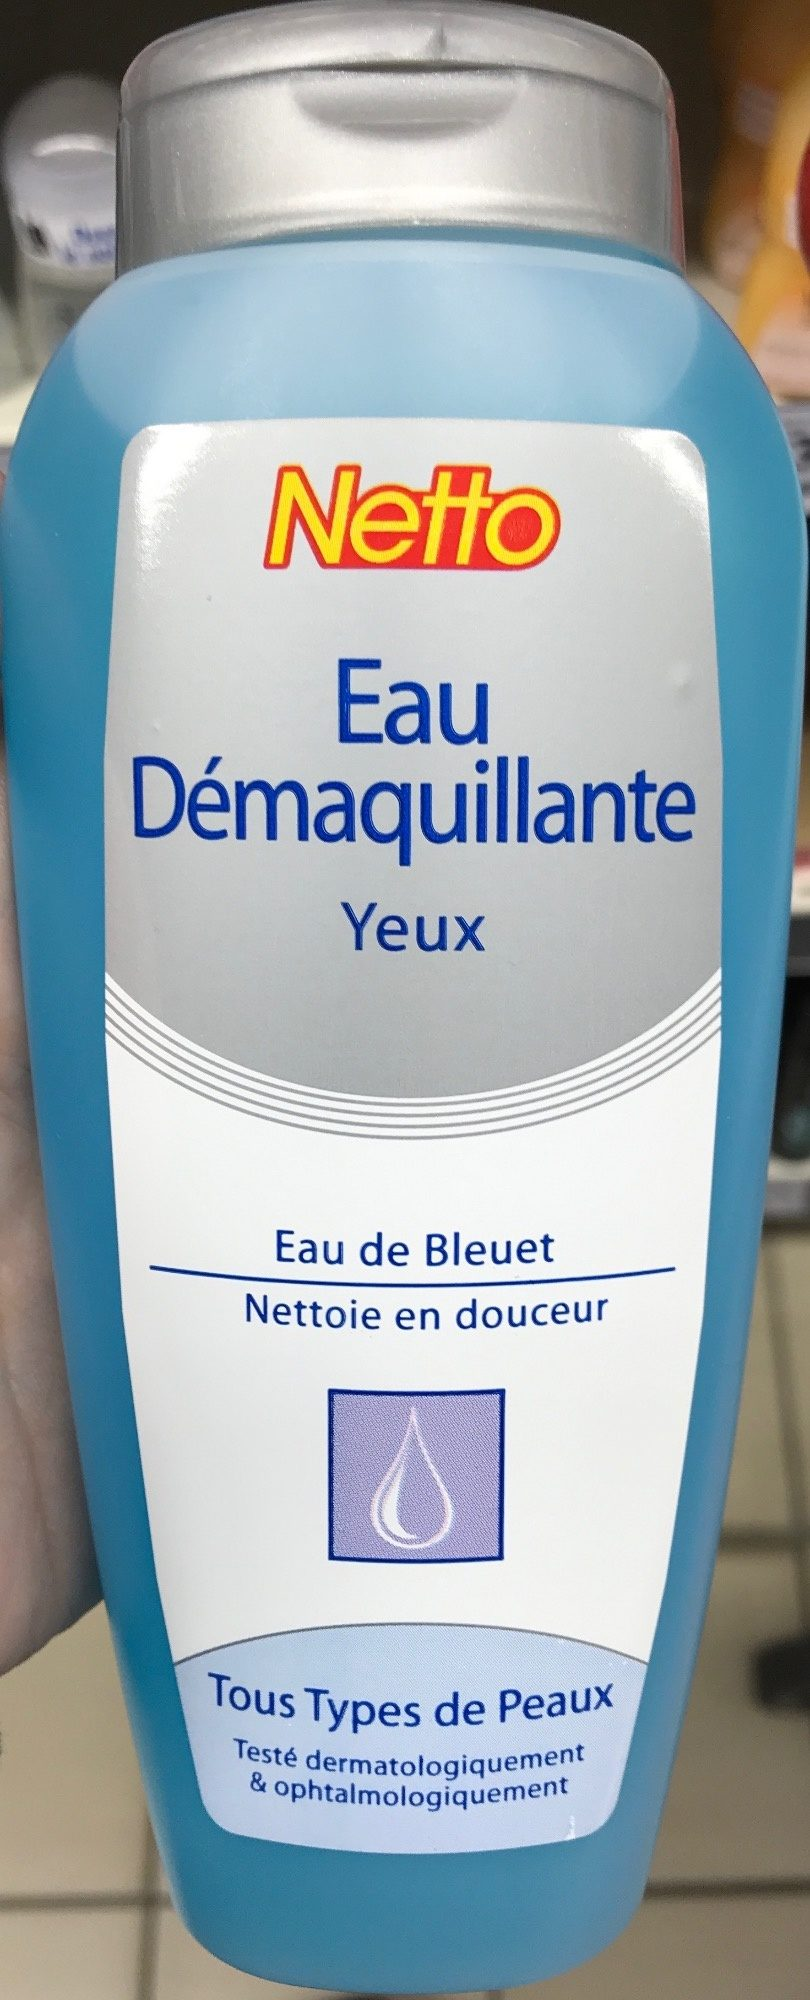 Eau démaquillante Yeux - Produit - fr